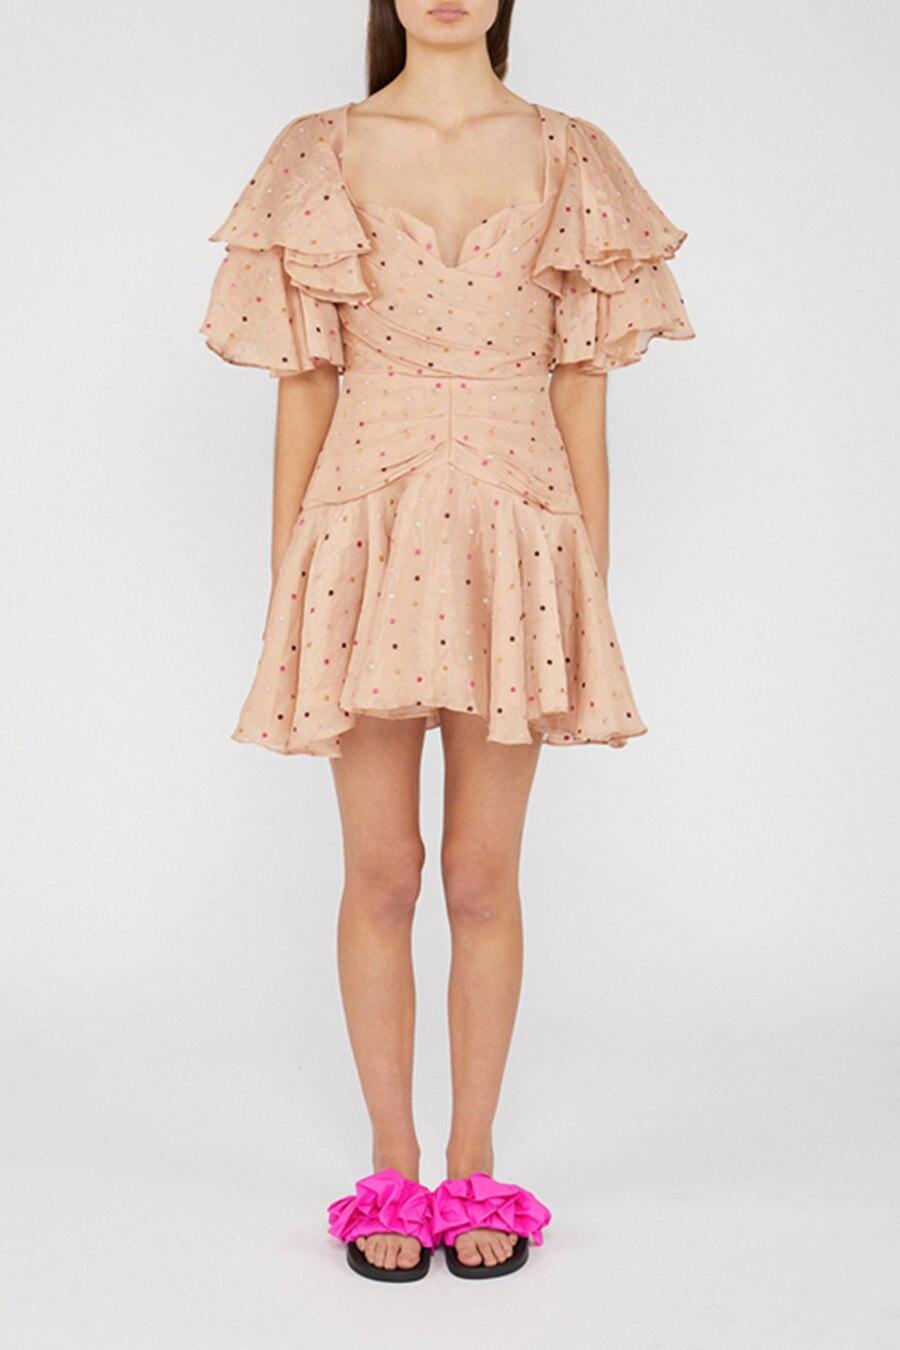 Femmes mode volants col carré en mousseline de soie vague Point Mini robe 2019 plus récent été Designer piste partie Sexy robes courtes